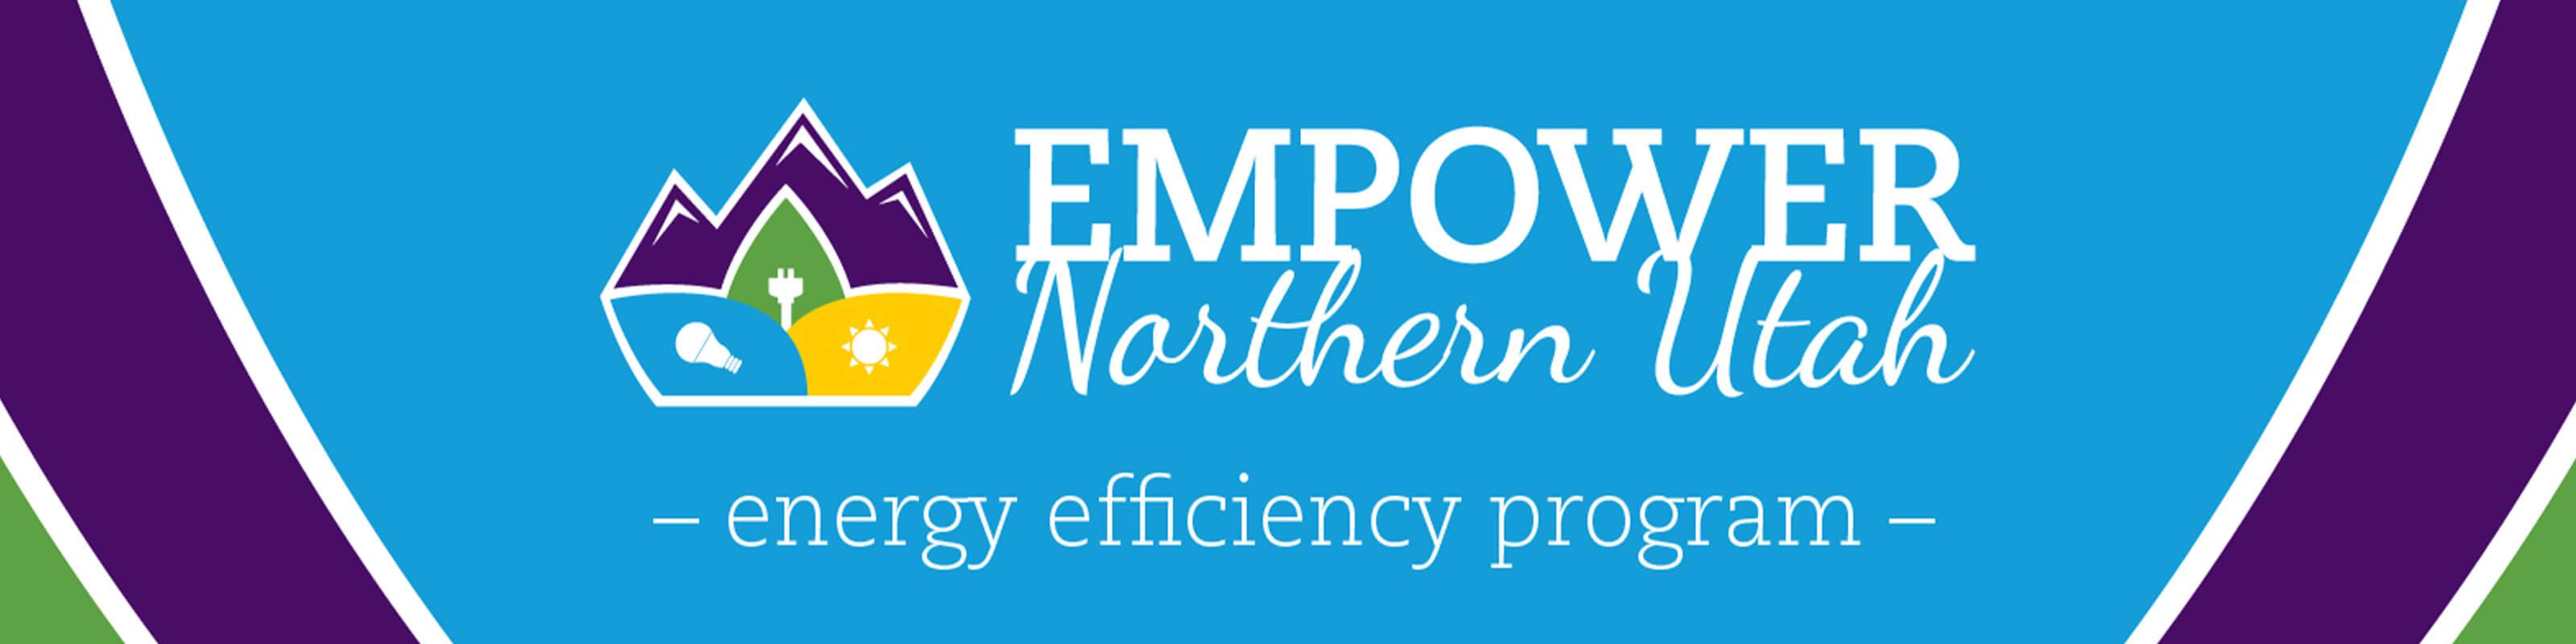 Empower Northern Utah - Energy Efficiency Program